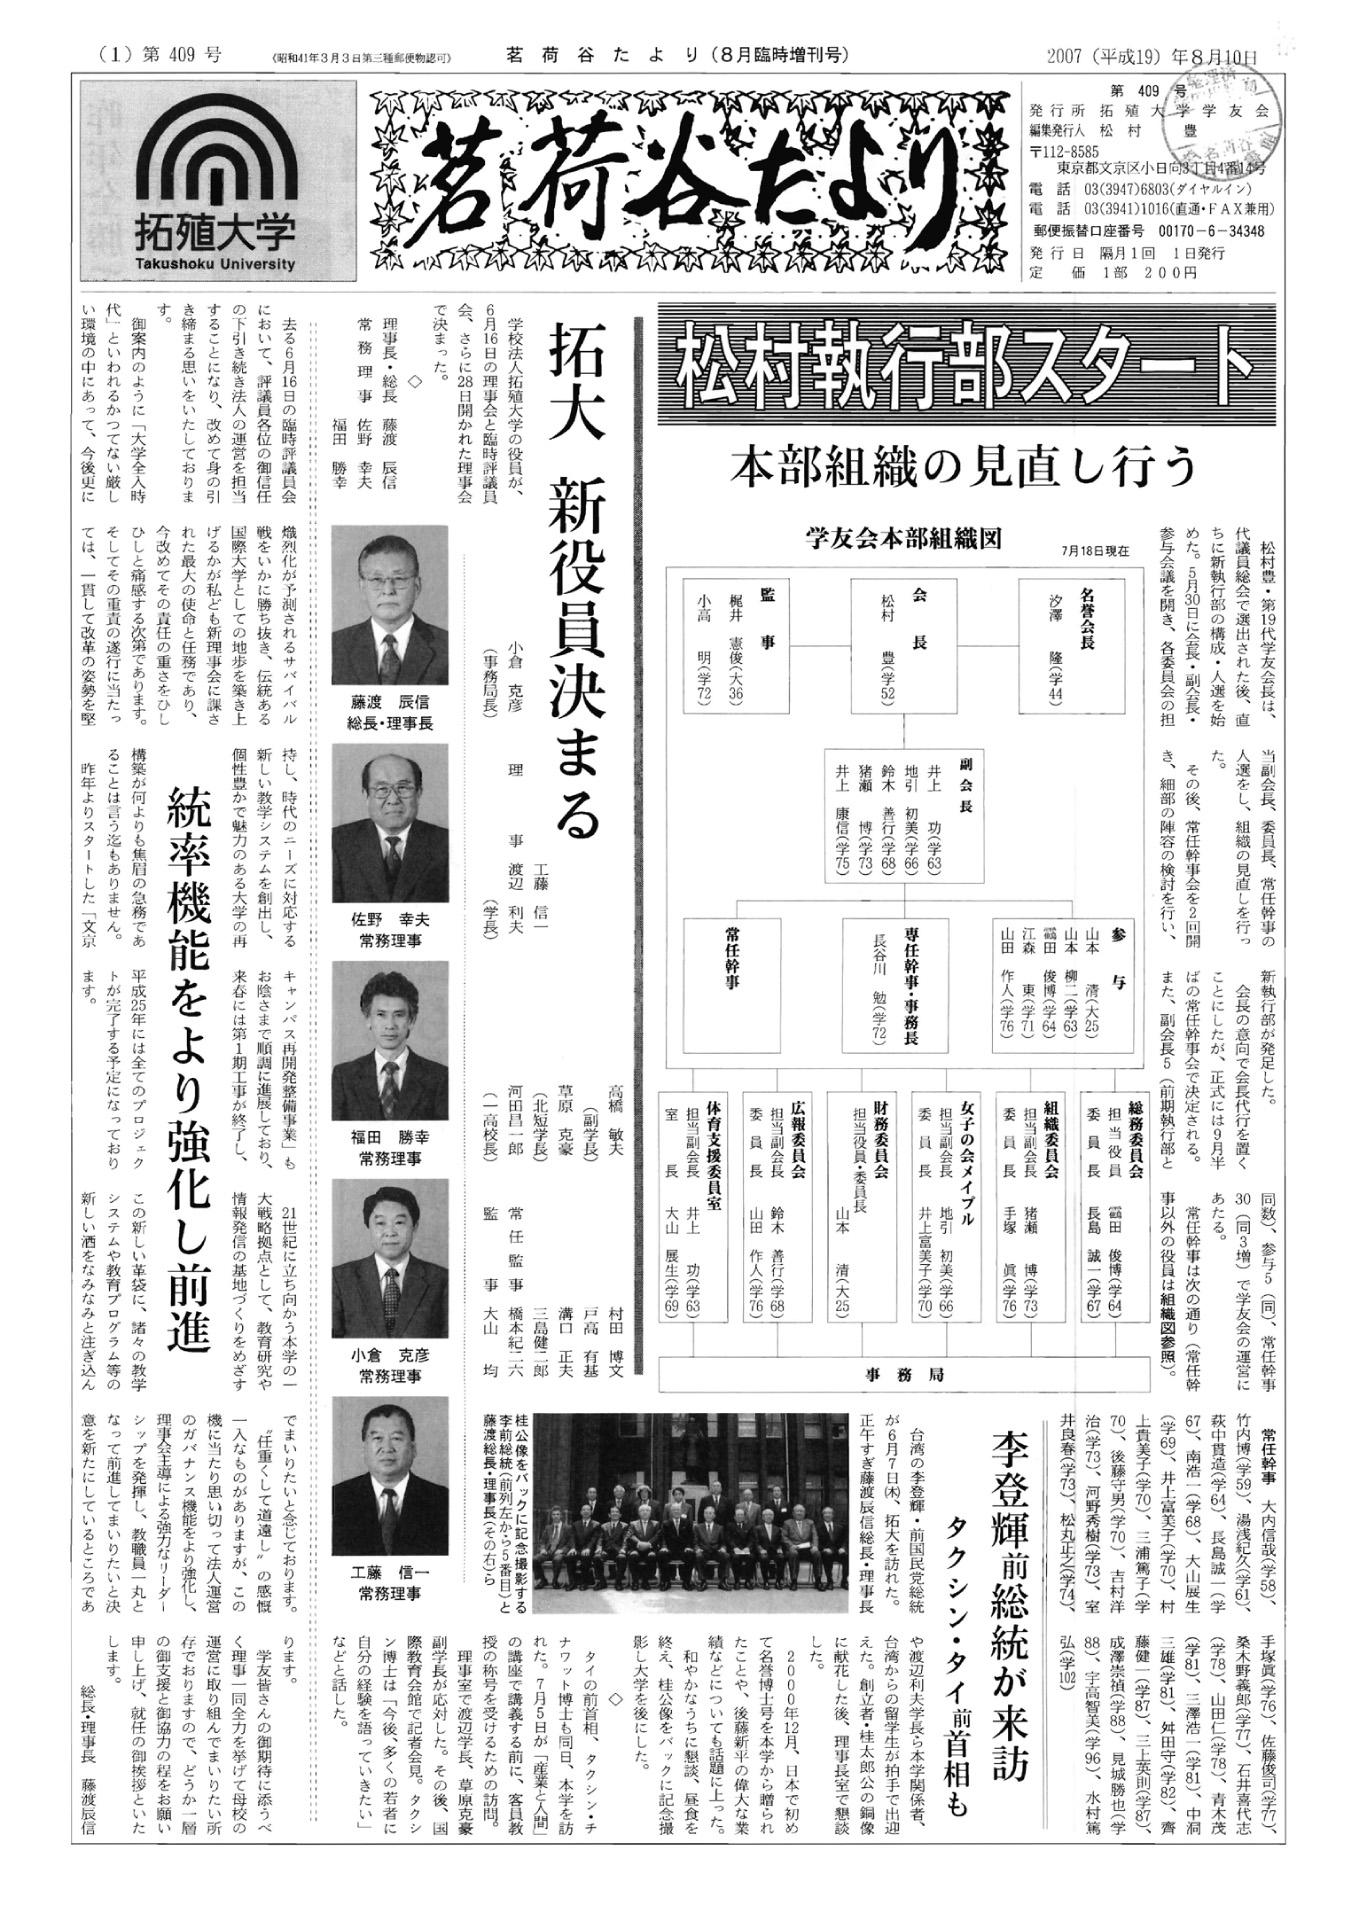 茗荷谷たより8月臨時増刊号(第409号)表紙